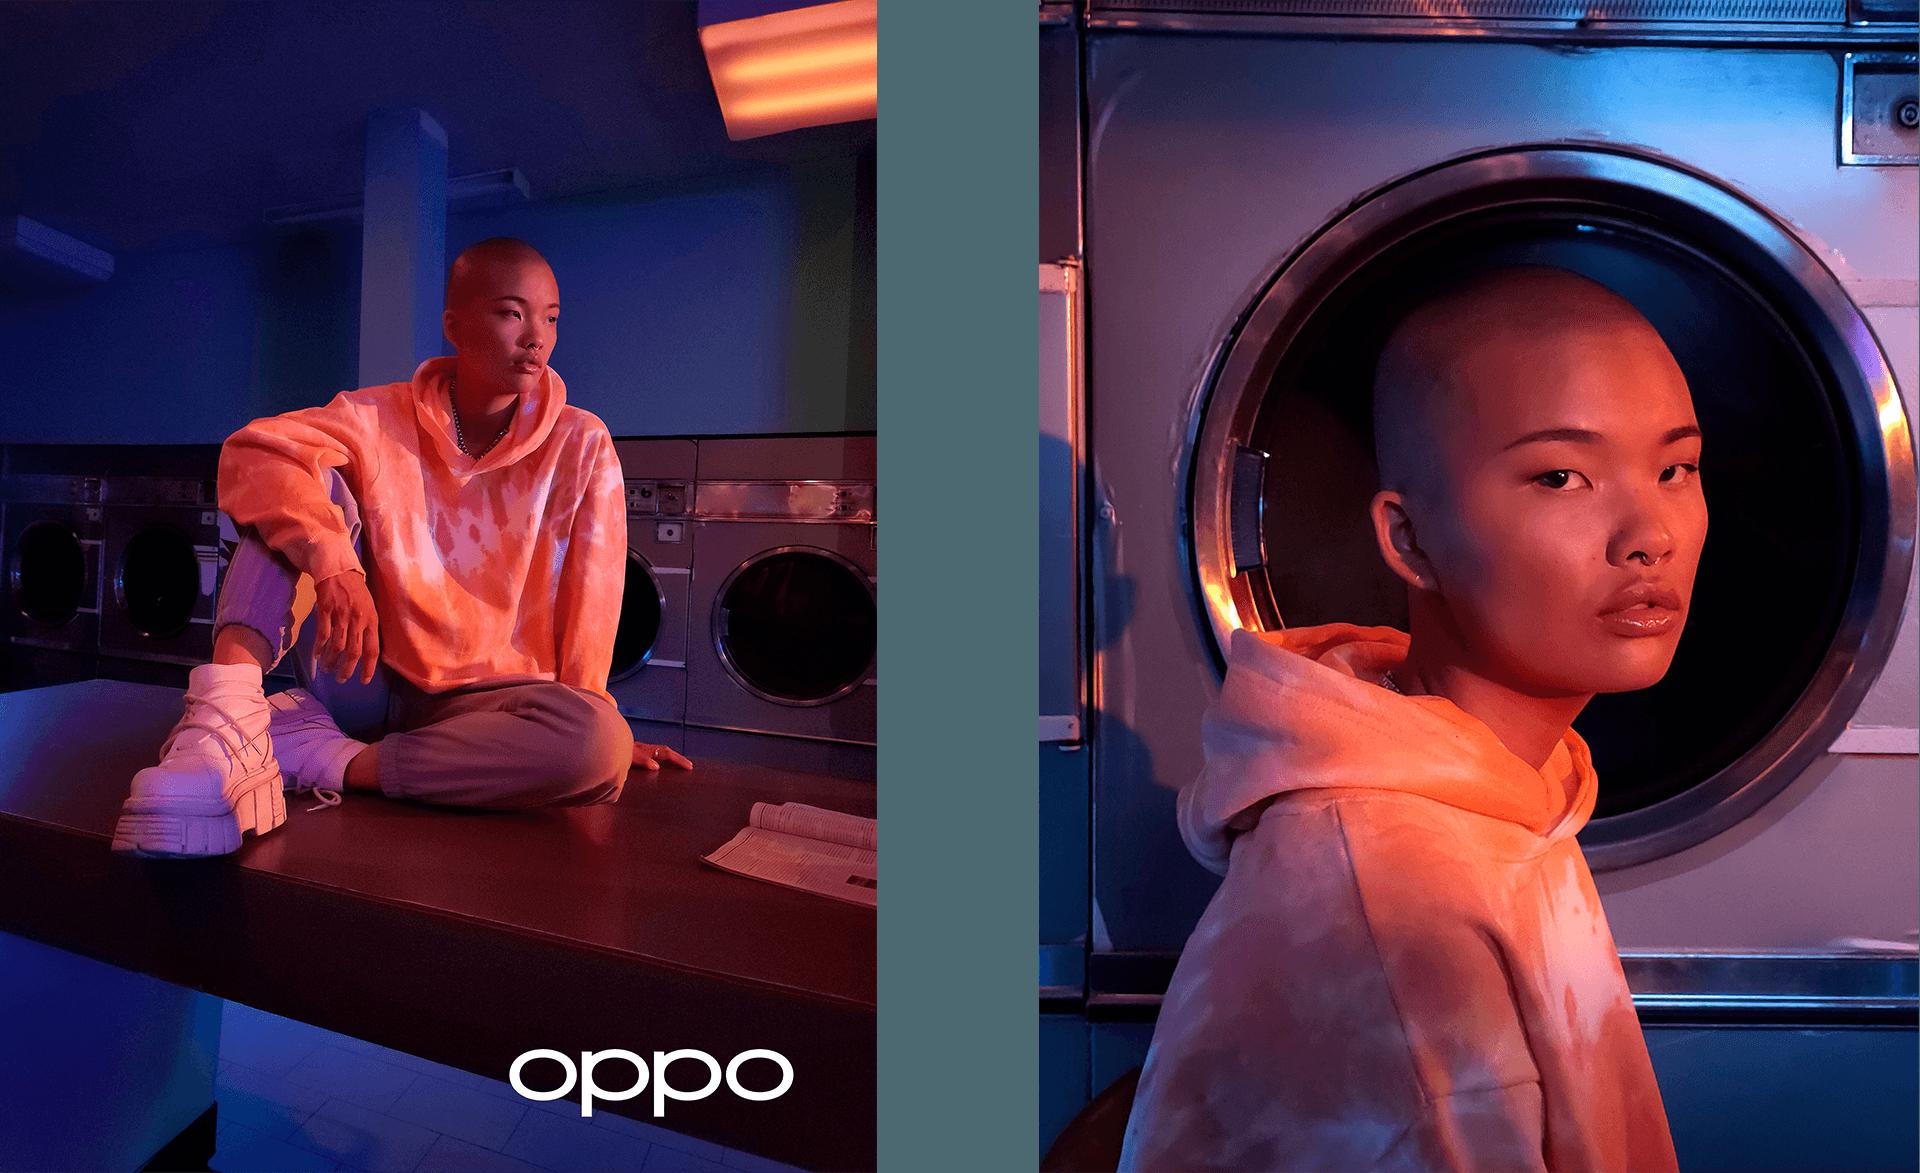 model asiatique feminin dans une laverie photo prise par un oppo reno4 pour la campagne hungry & foolish par simon duhamel